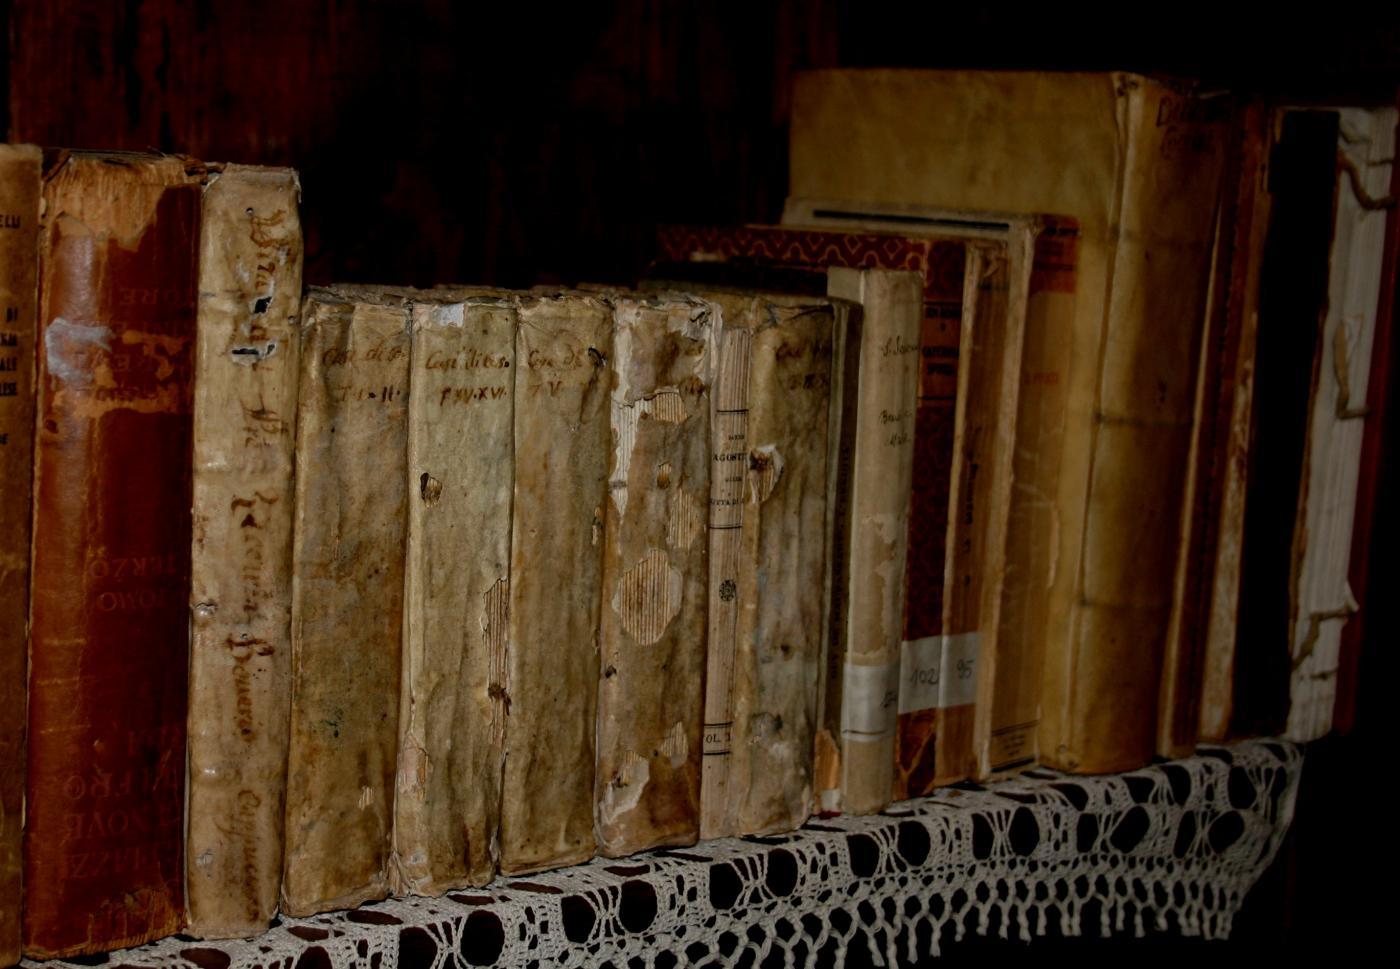 Dizionario etimologico storico Napoletano: la storia della lingua napoletana sarà online